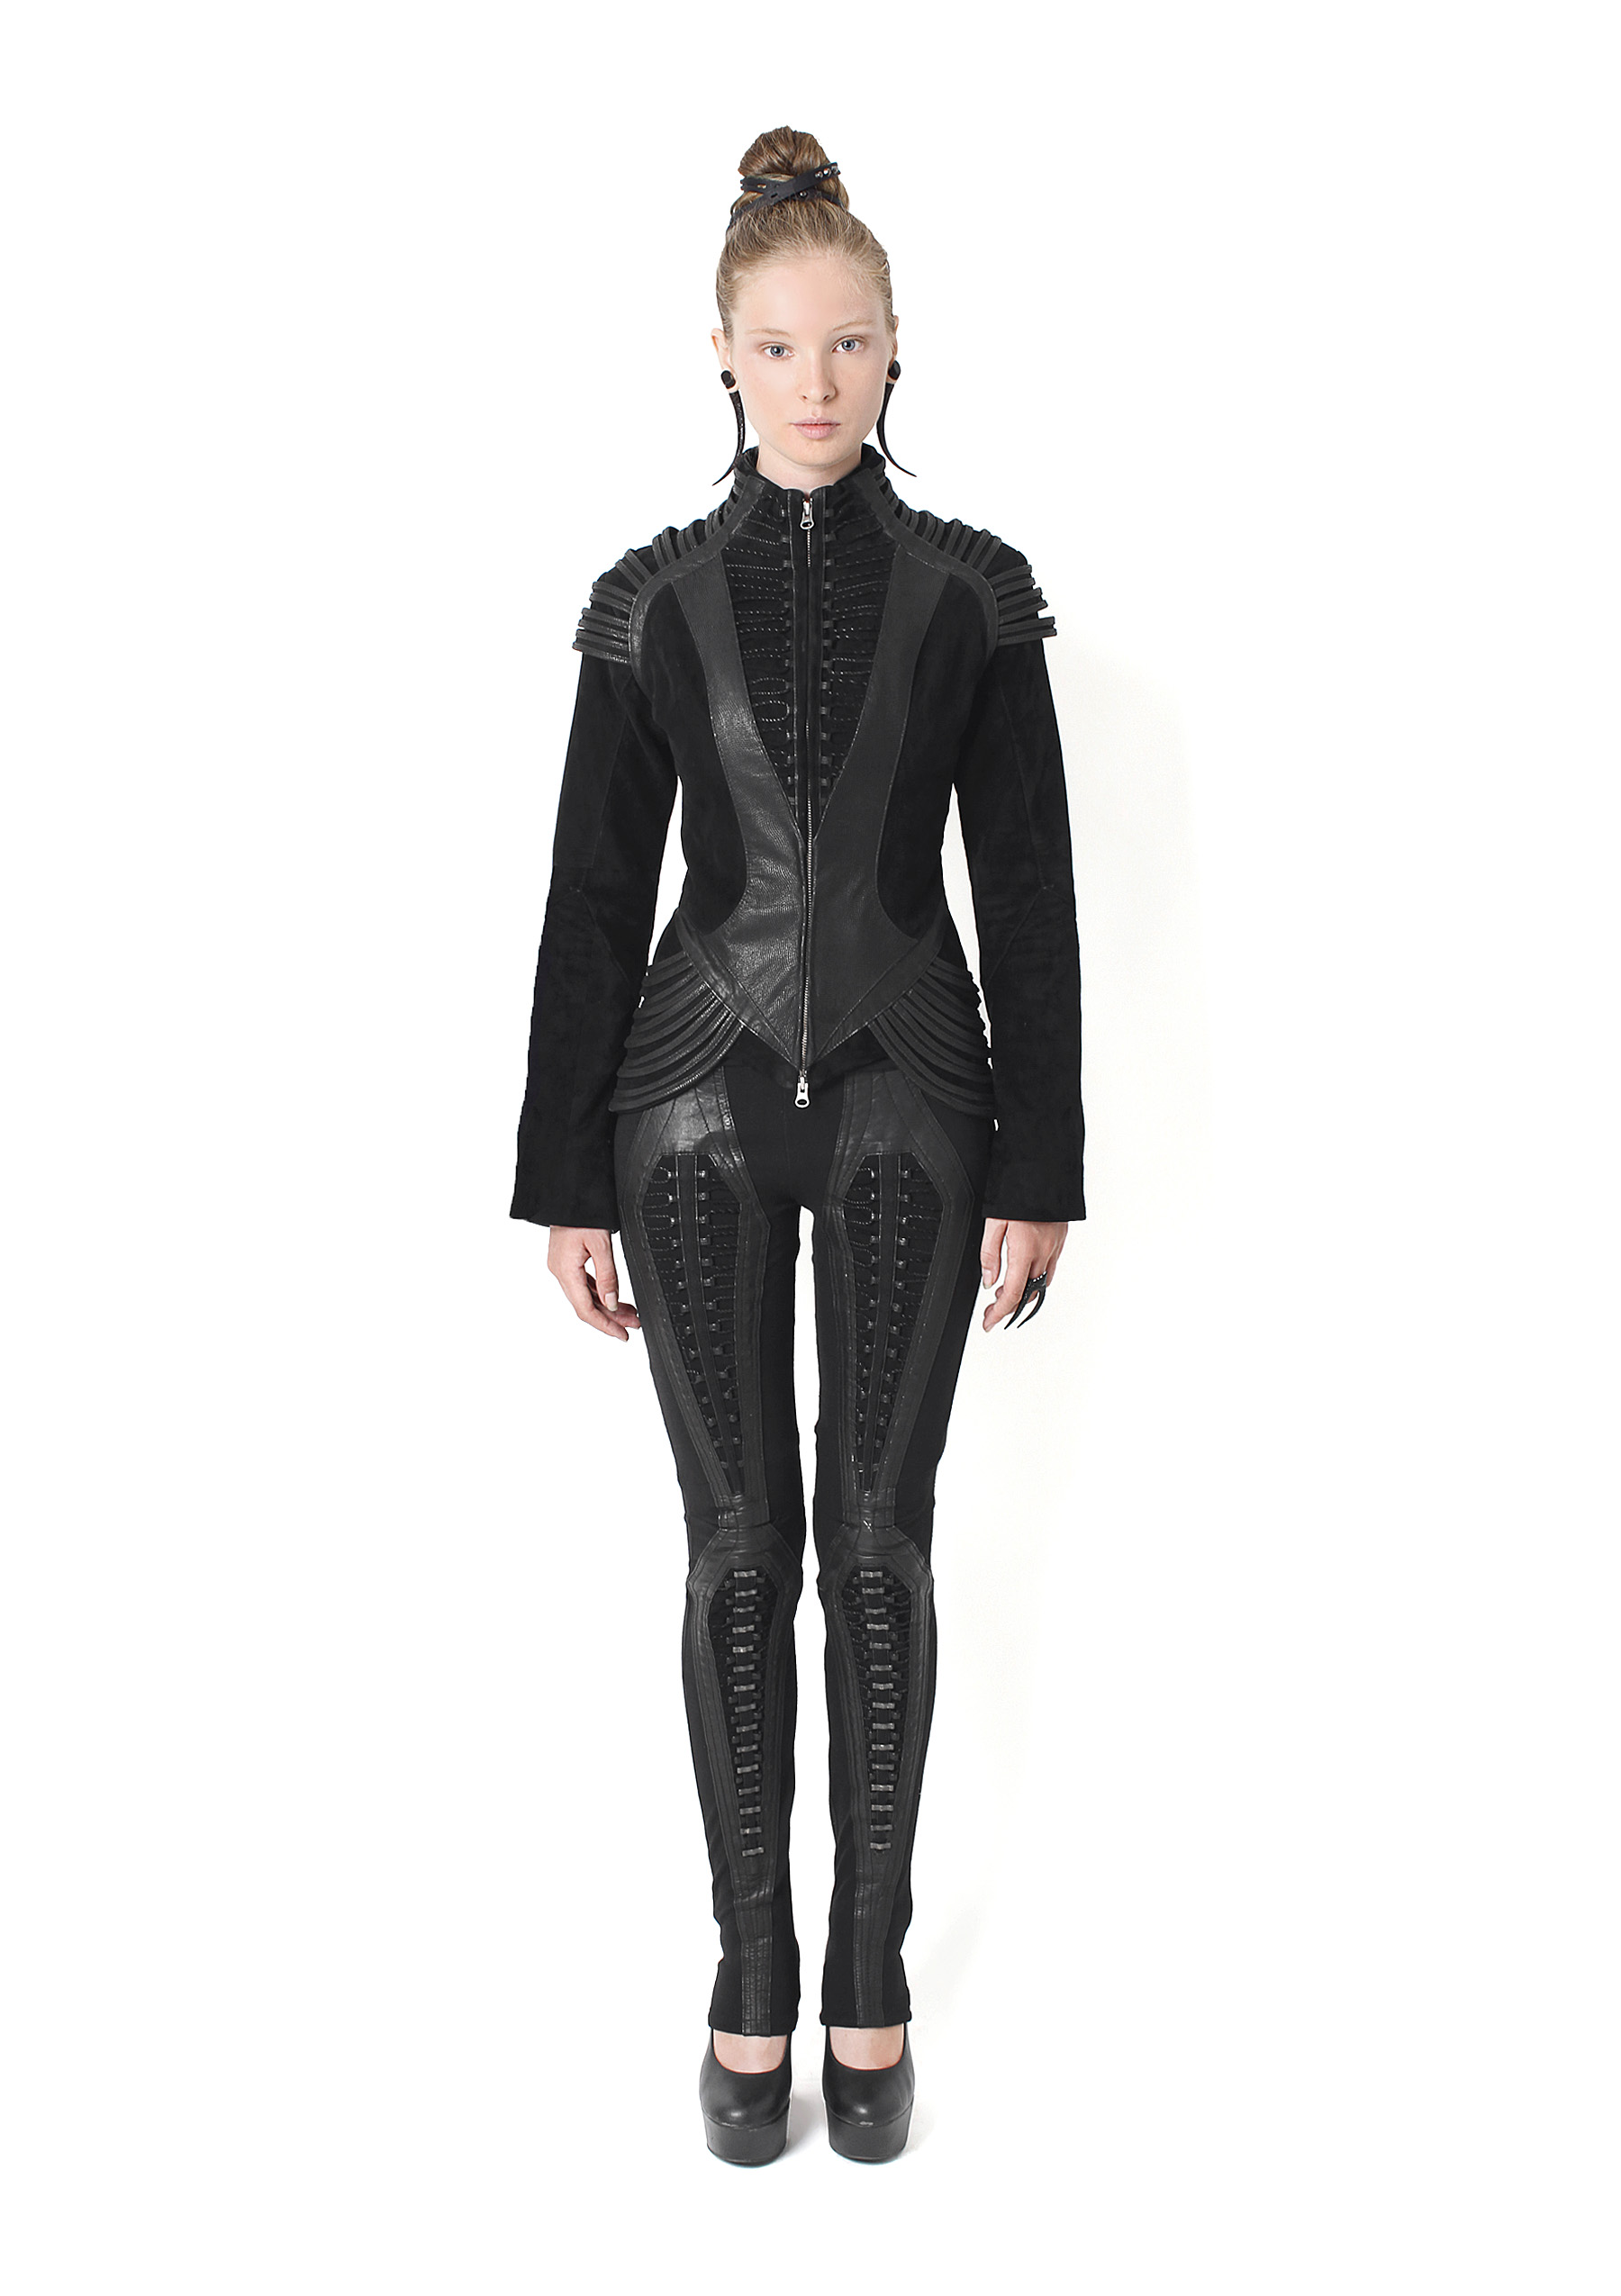 Laced Stihl Jacket, Trane Leggings